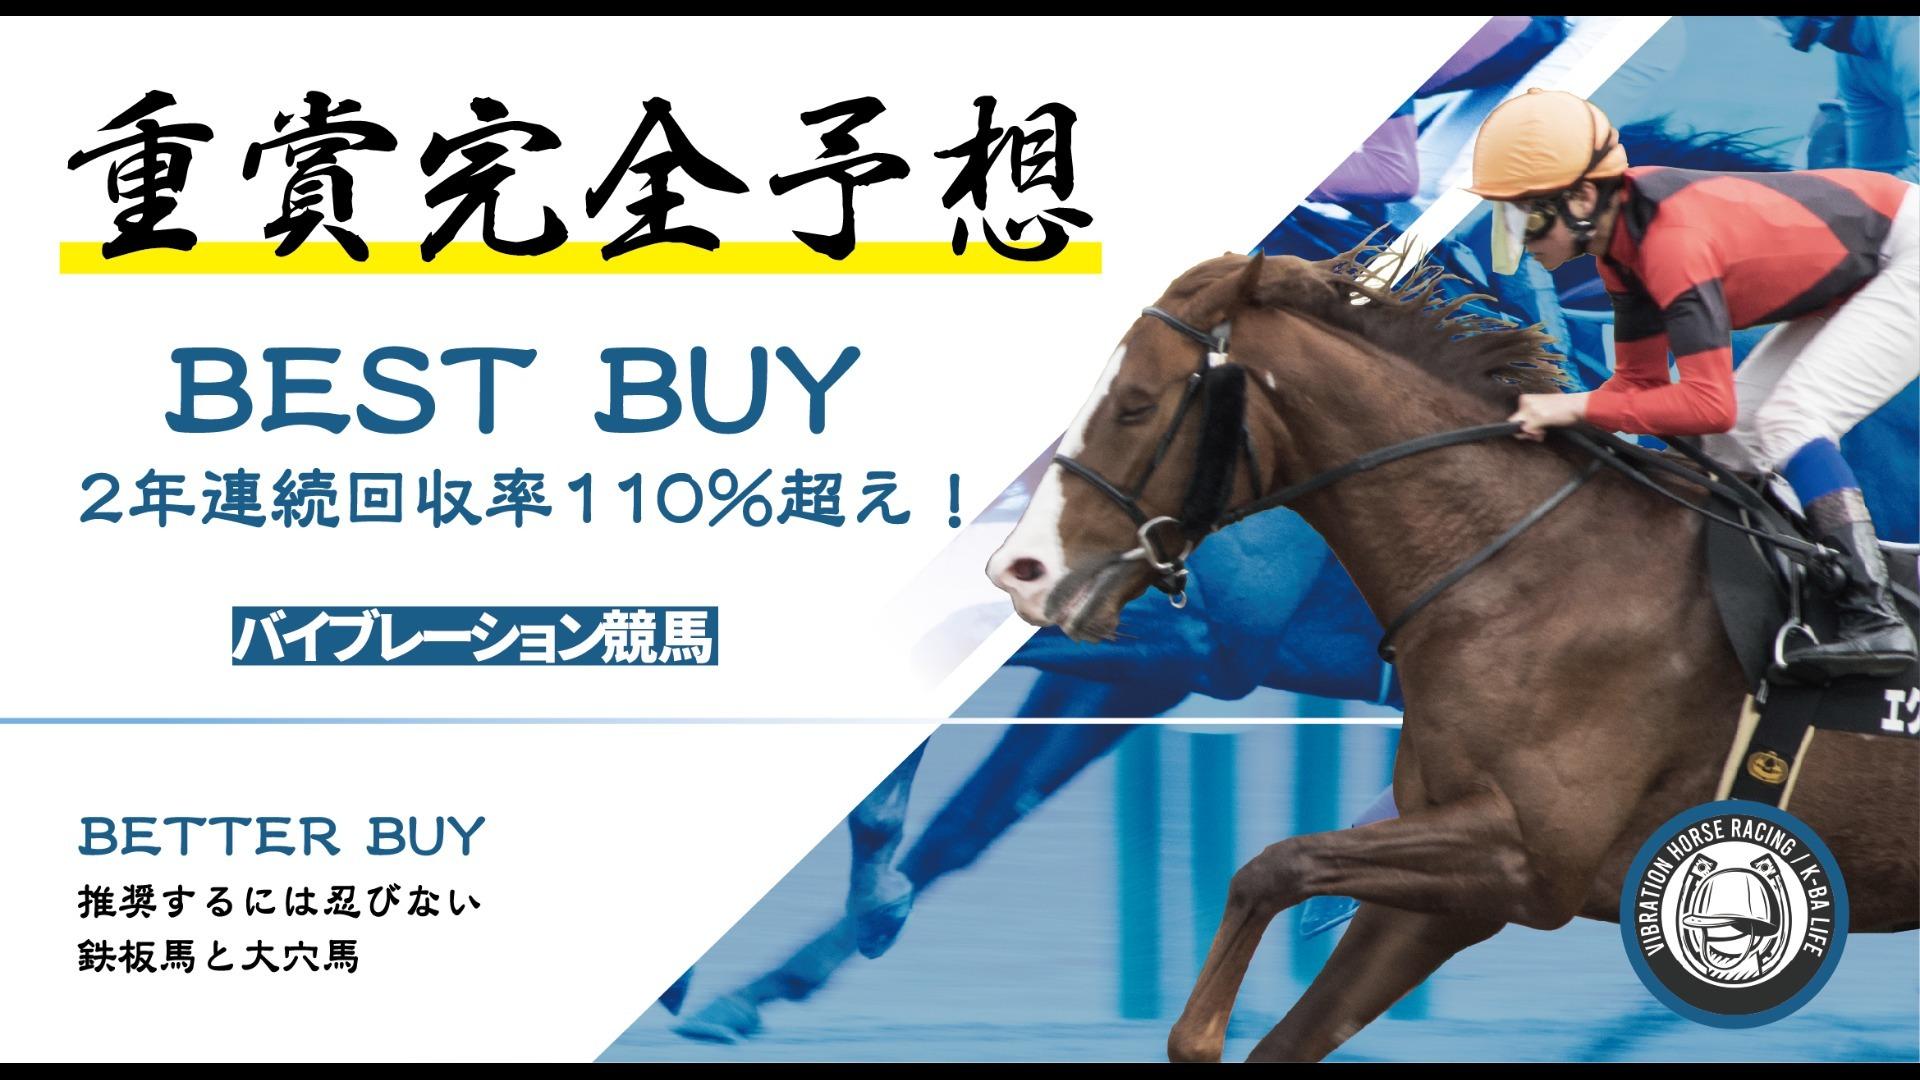 【NHKマイルカップ特別号】バイブレーション競馬